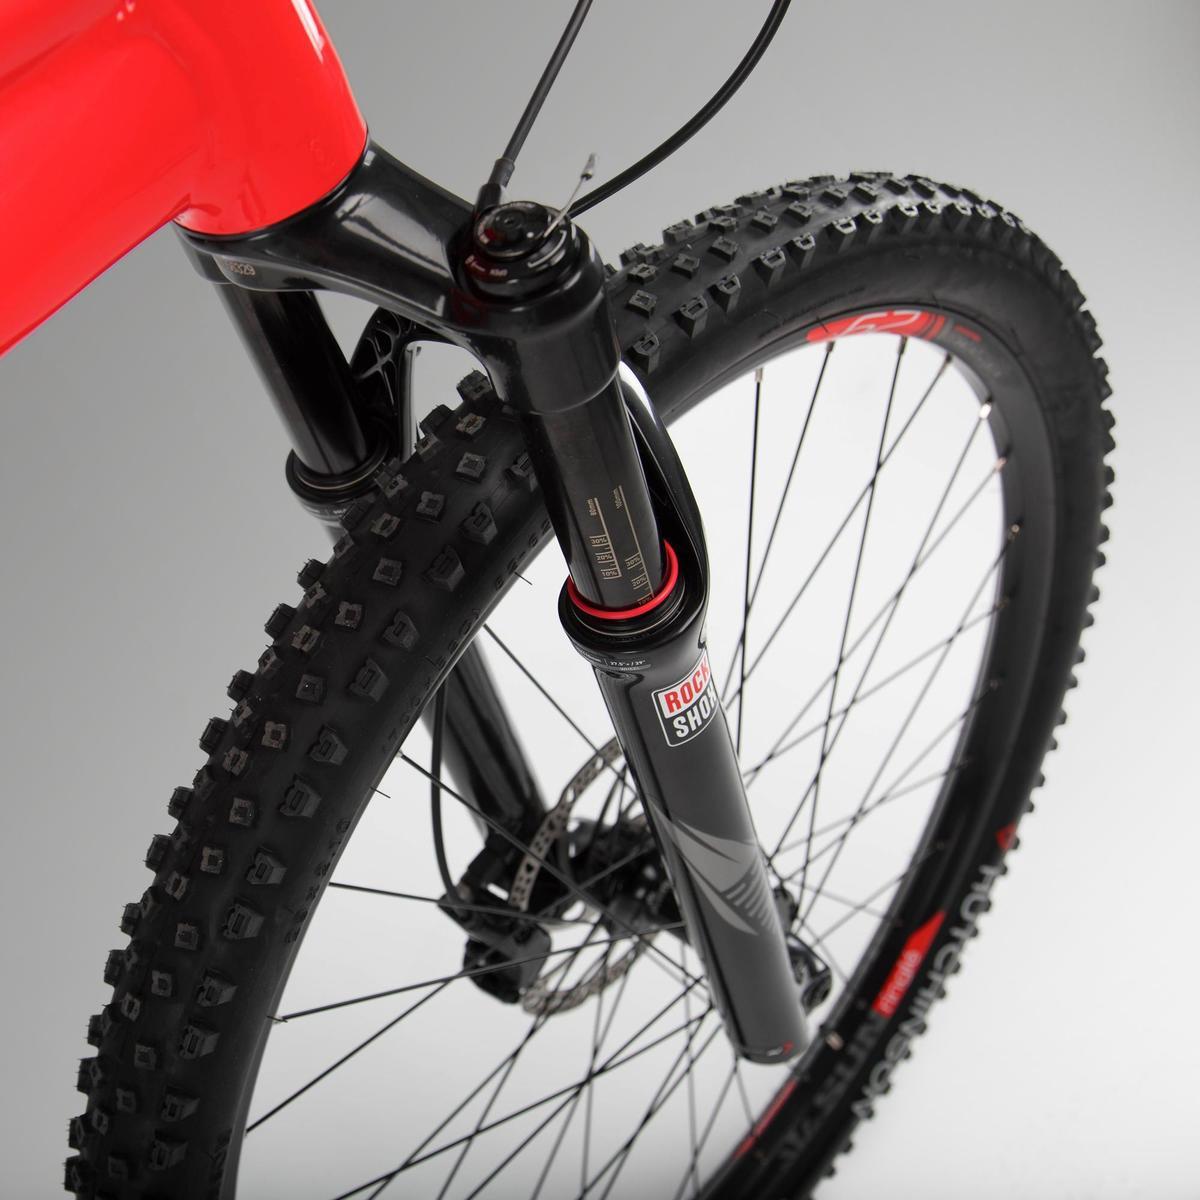 Bild 5 von Mountainbike XC 500 27,5 rot